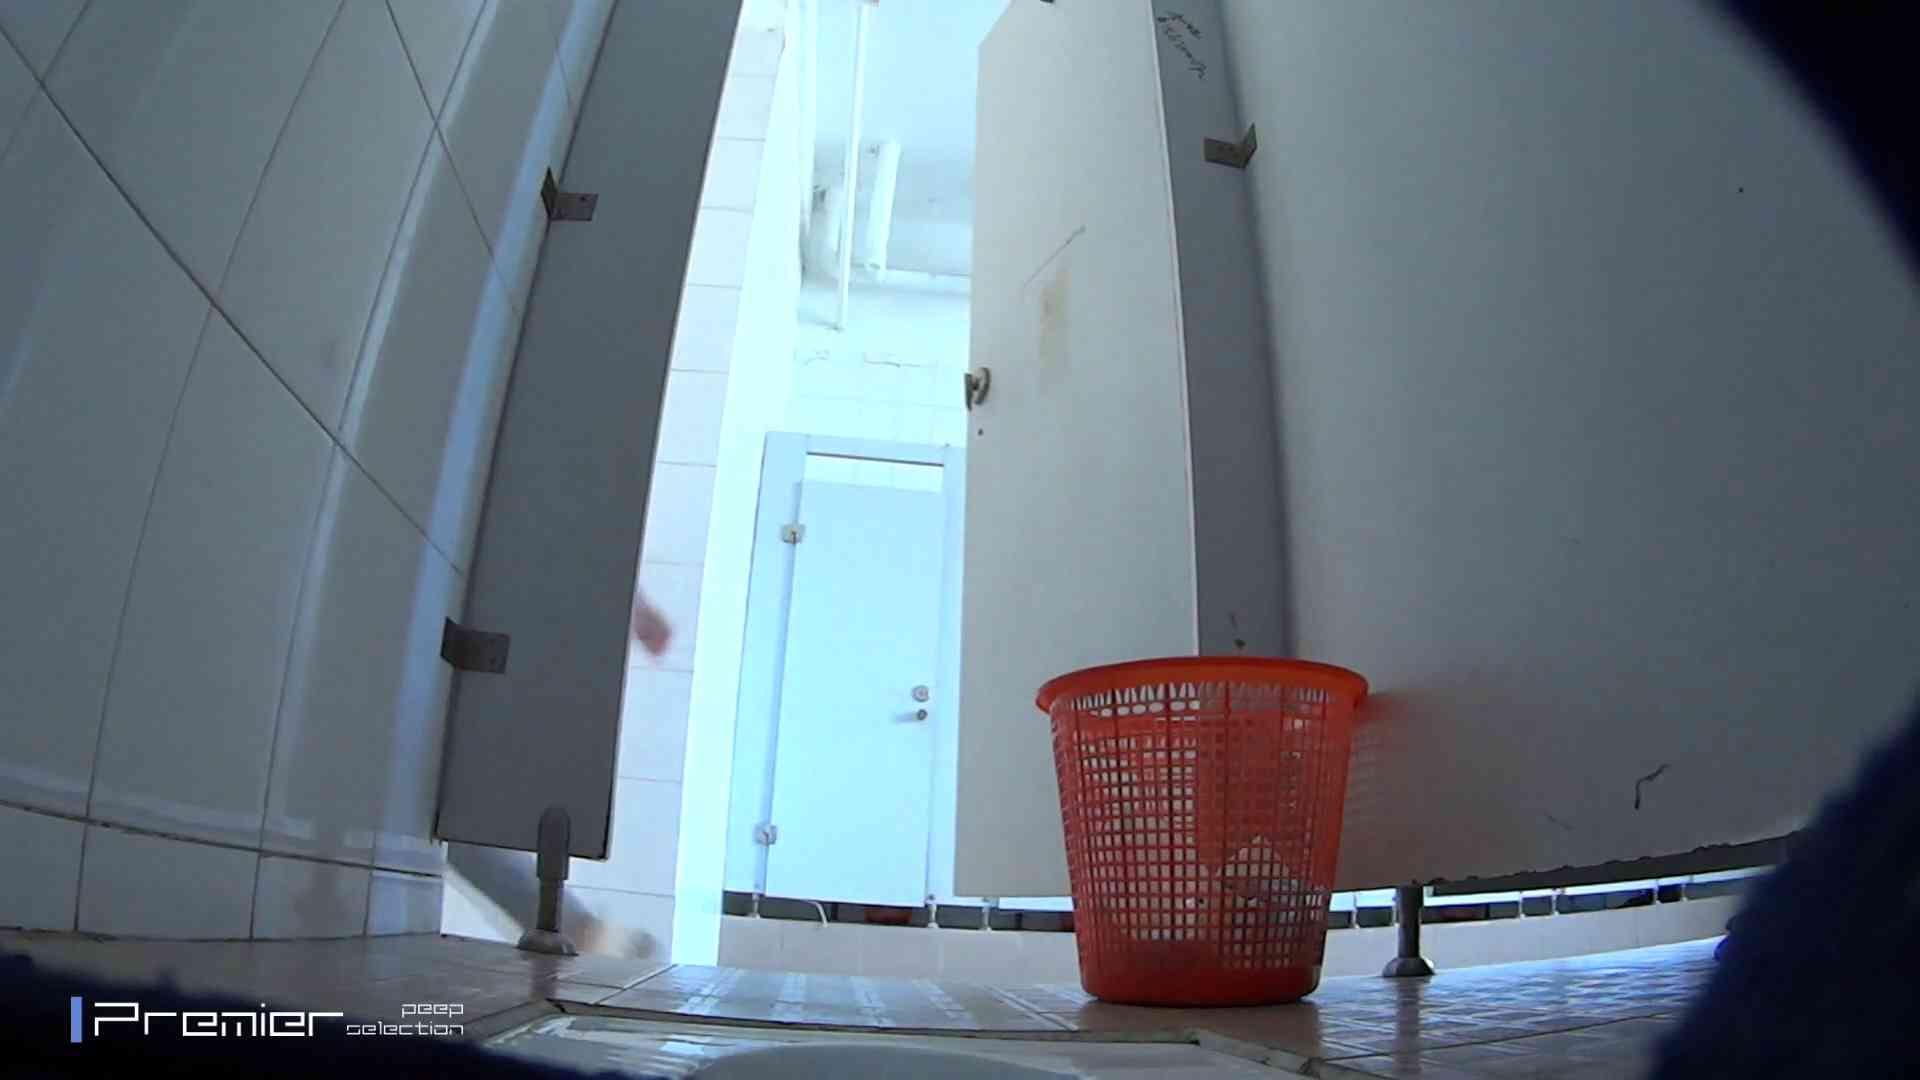 アジアンビューティー達の聖水 大学休憩時間の洗面所事情24 美女  59PIX 21